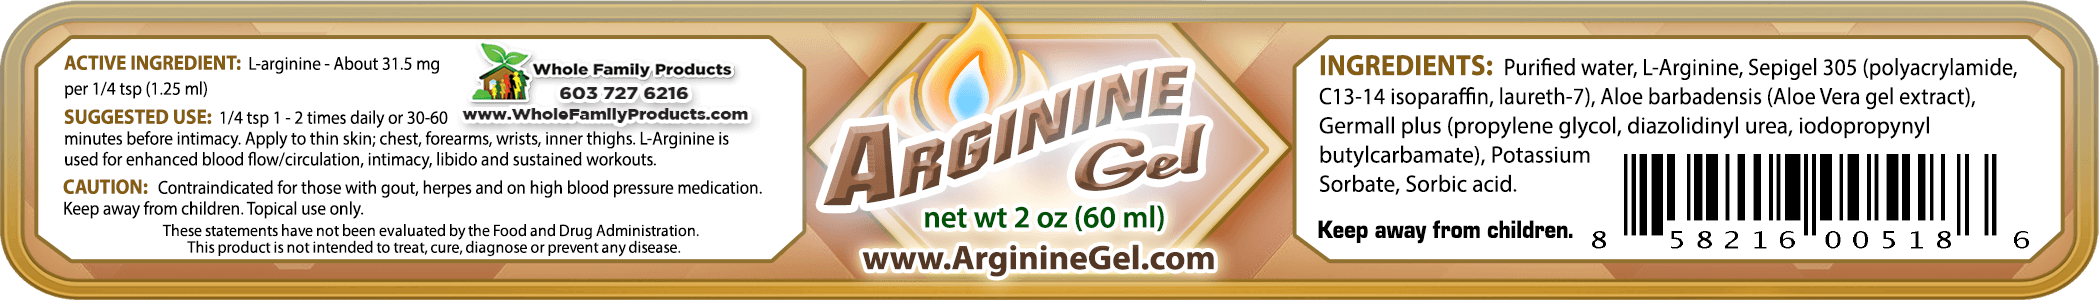 Arginine Gel 2oz Jar WFP Label